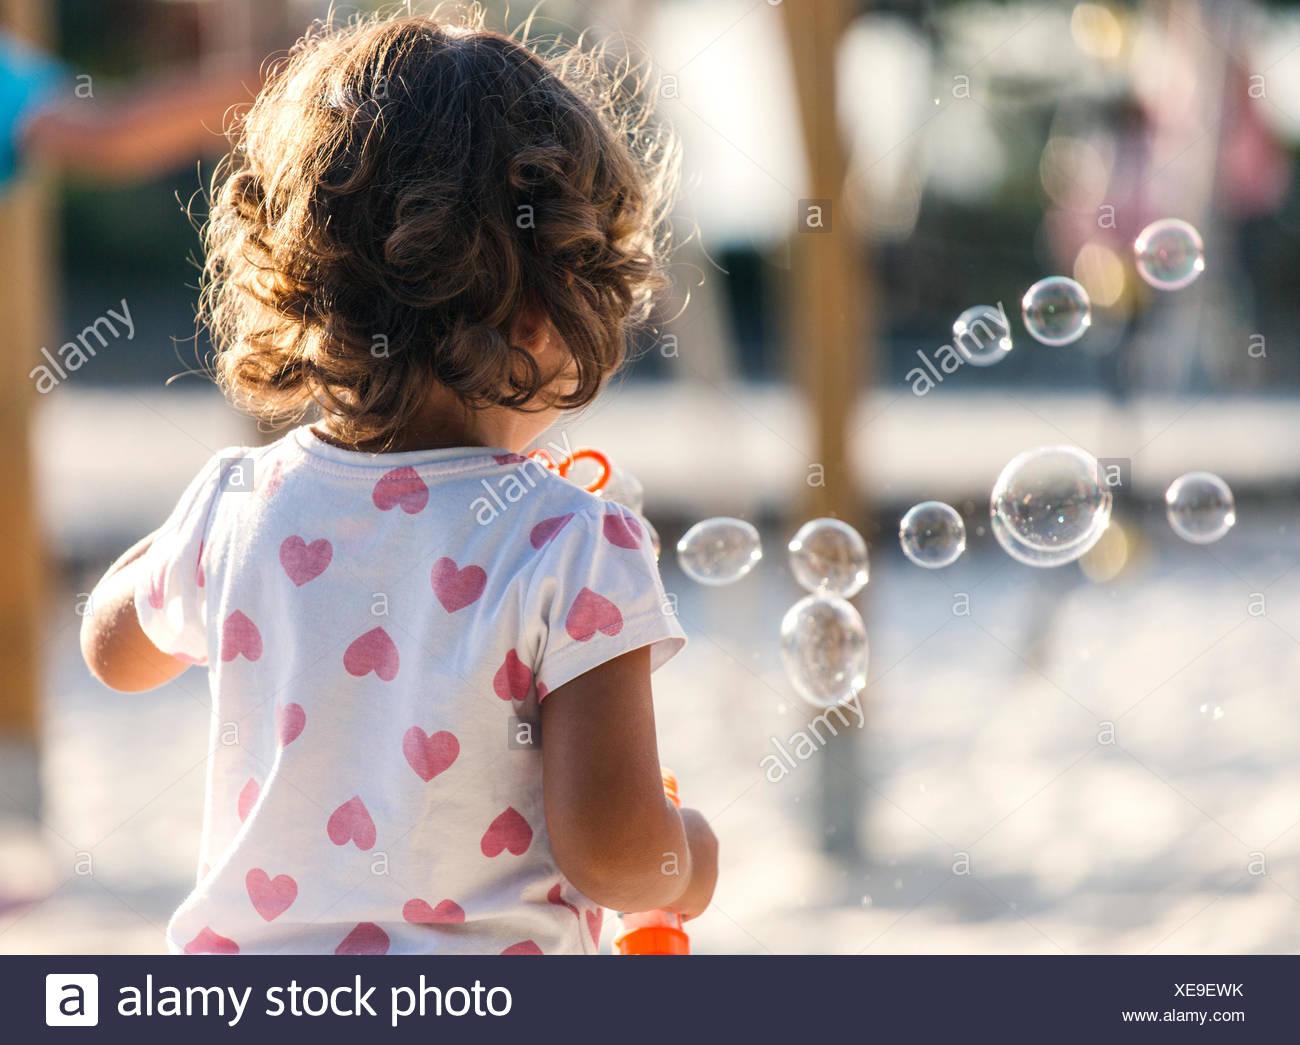 Vista posterior de la niña haciendo burbujas de jabón en el patio Imagen De Stock